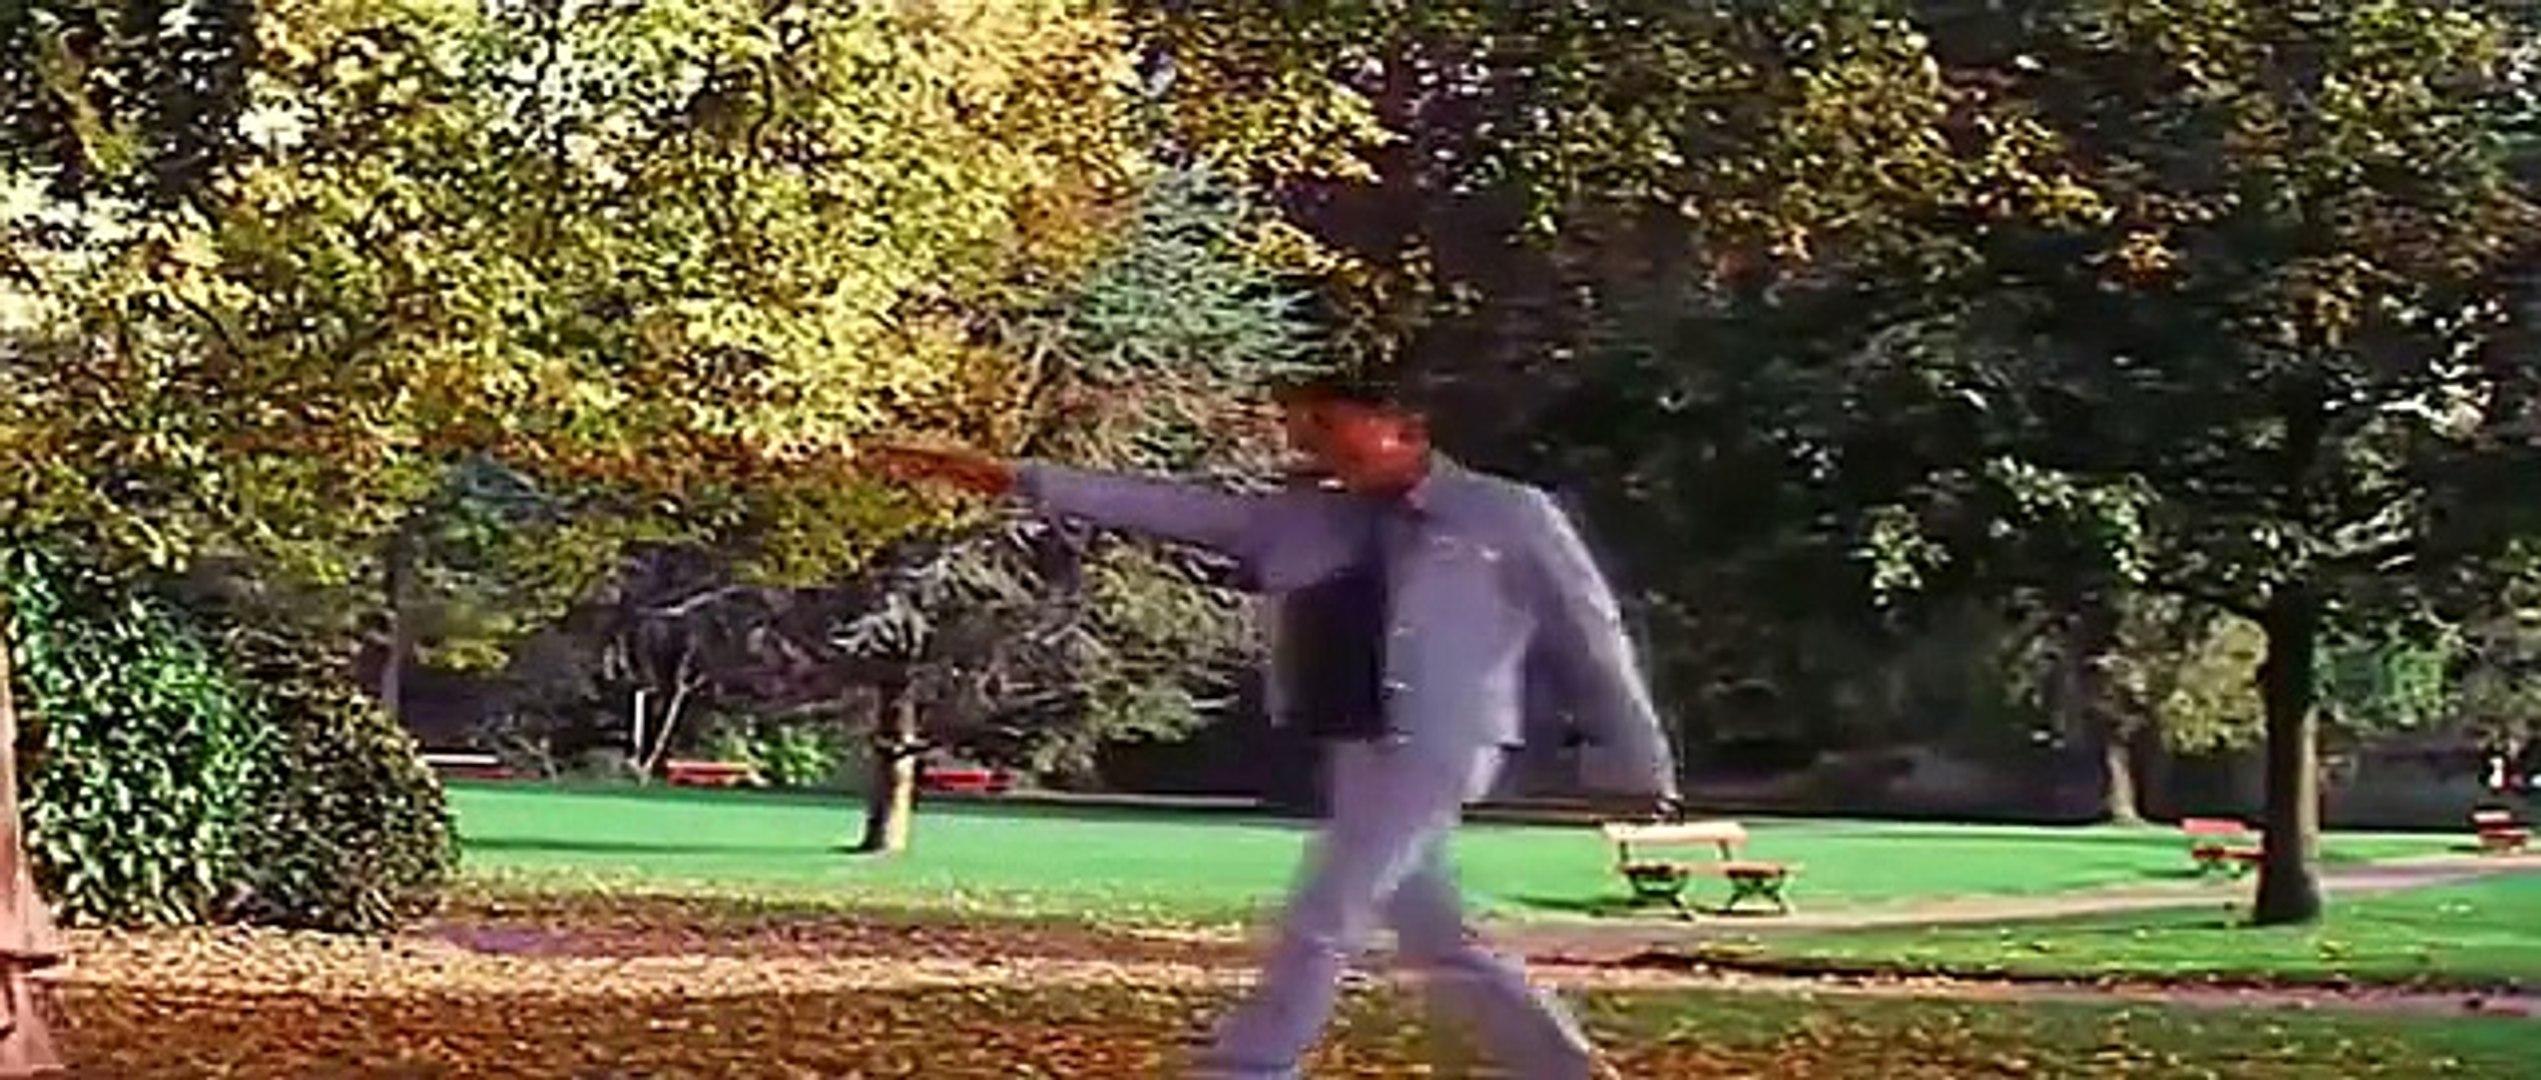 Na Milo Humse Jyada ~ Badal (2000) -Bollywood Hindi Movie Song- Bobby Deol, Rani Mukherjee